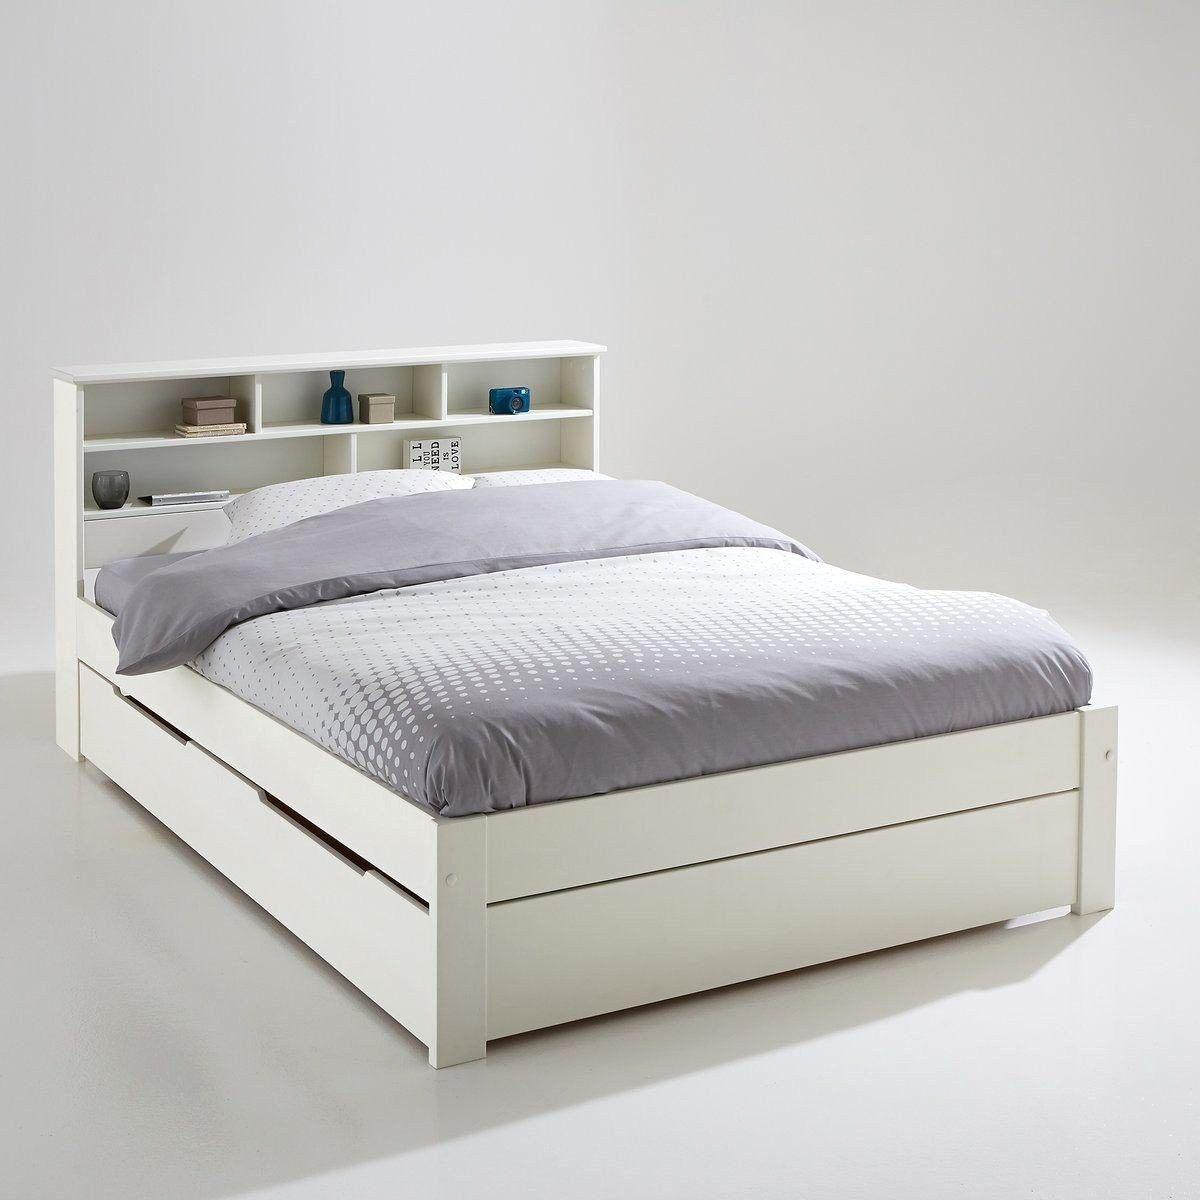 Lit Avec Rangement Ikea Génial Tete De Lit Blanc 160 Cm Beau S Tete De Lit Ikea 180 Fauteuil